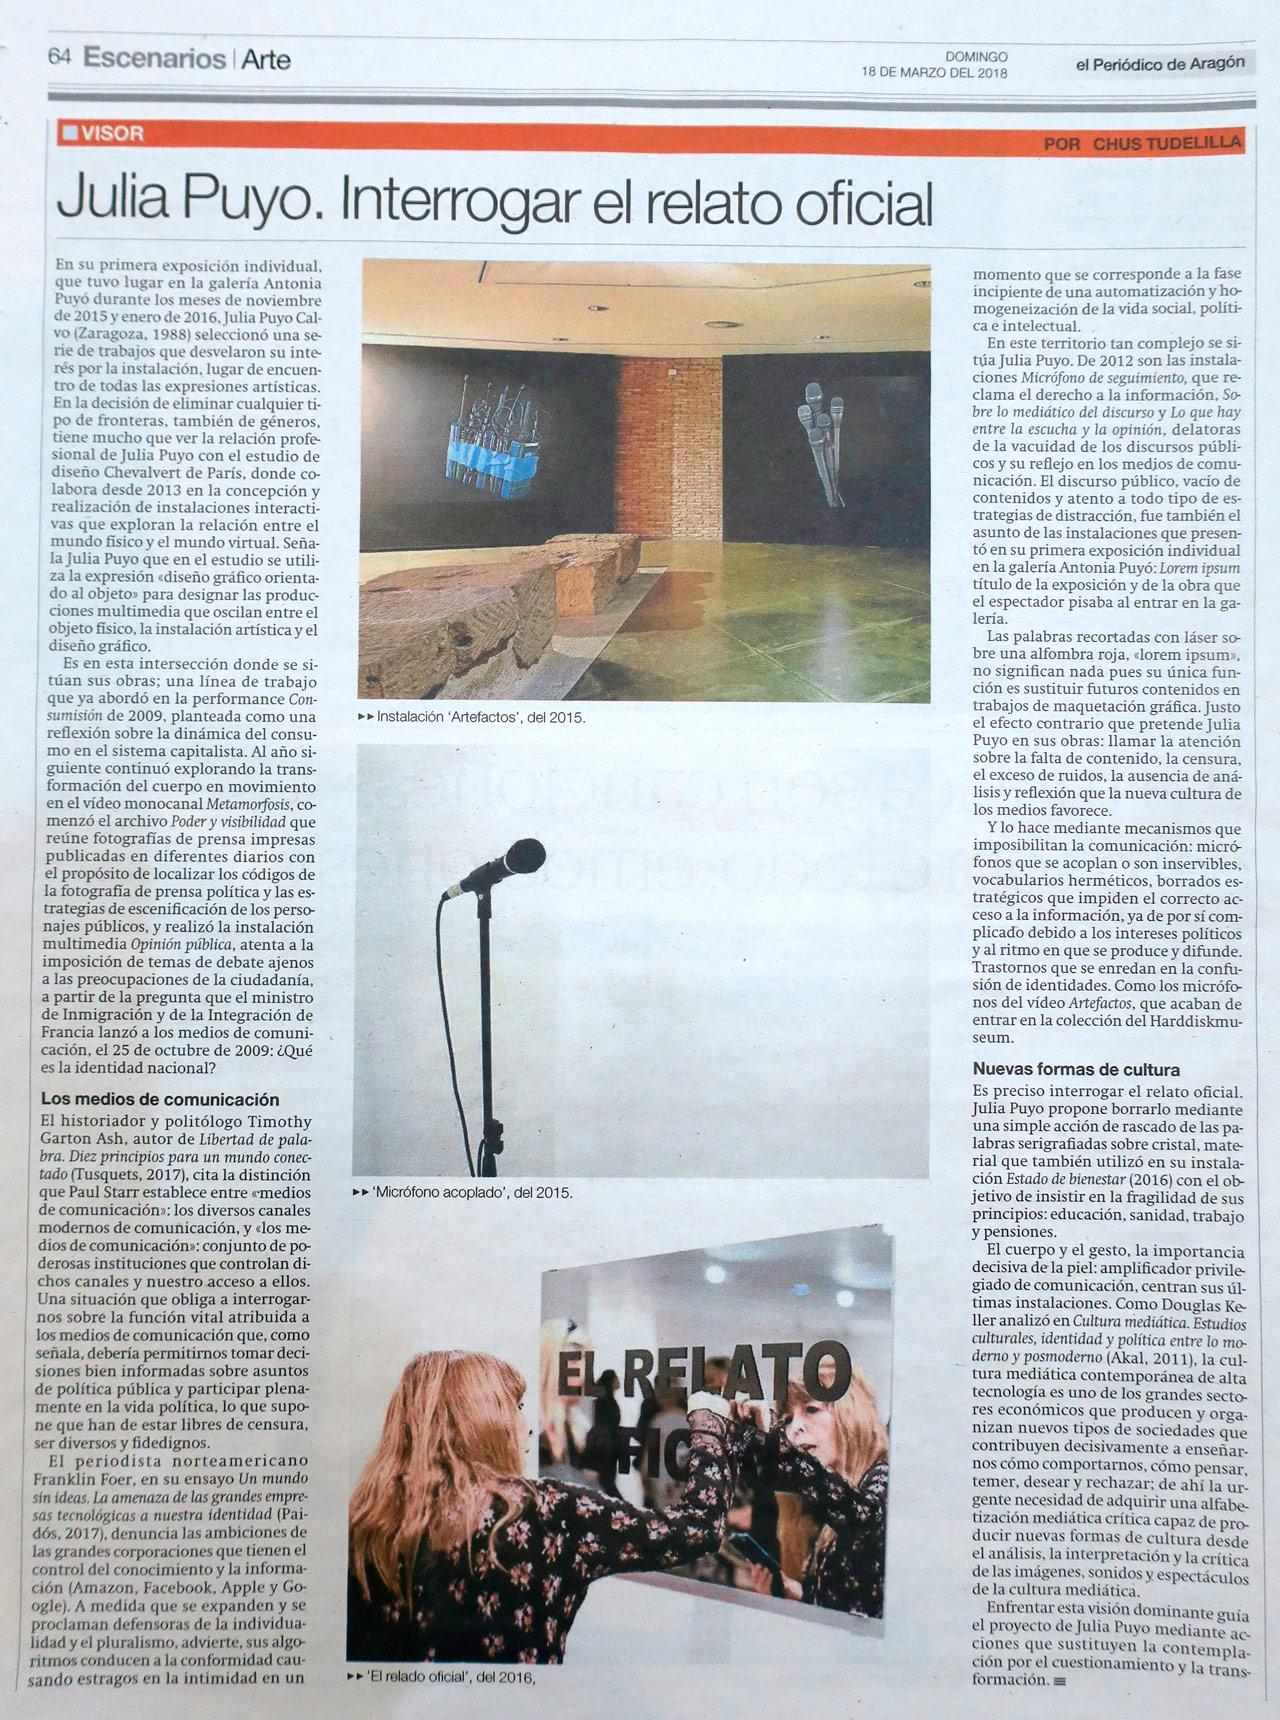 El Periódico de Aragón Visor Chus Tudelilla Julia Puyo